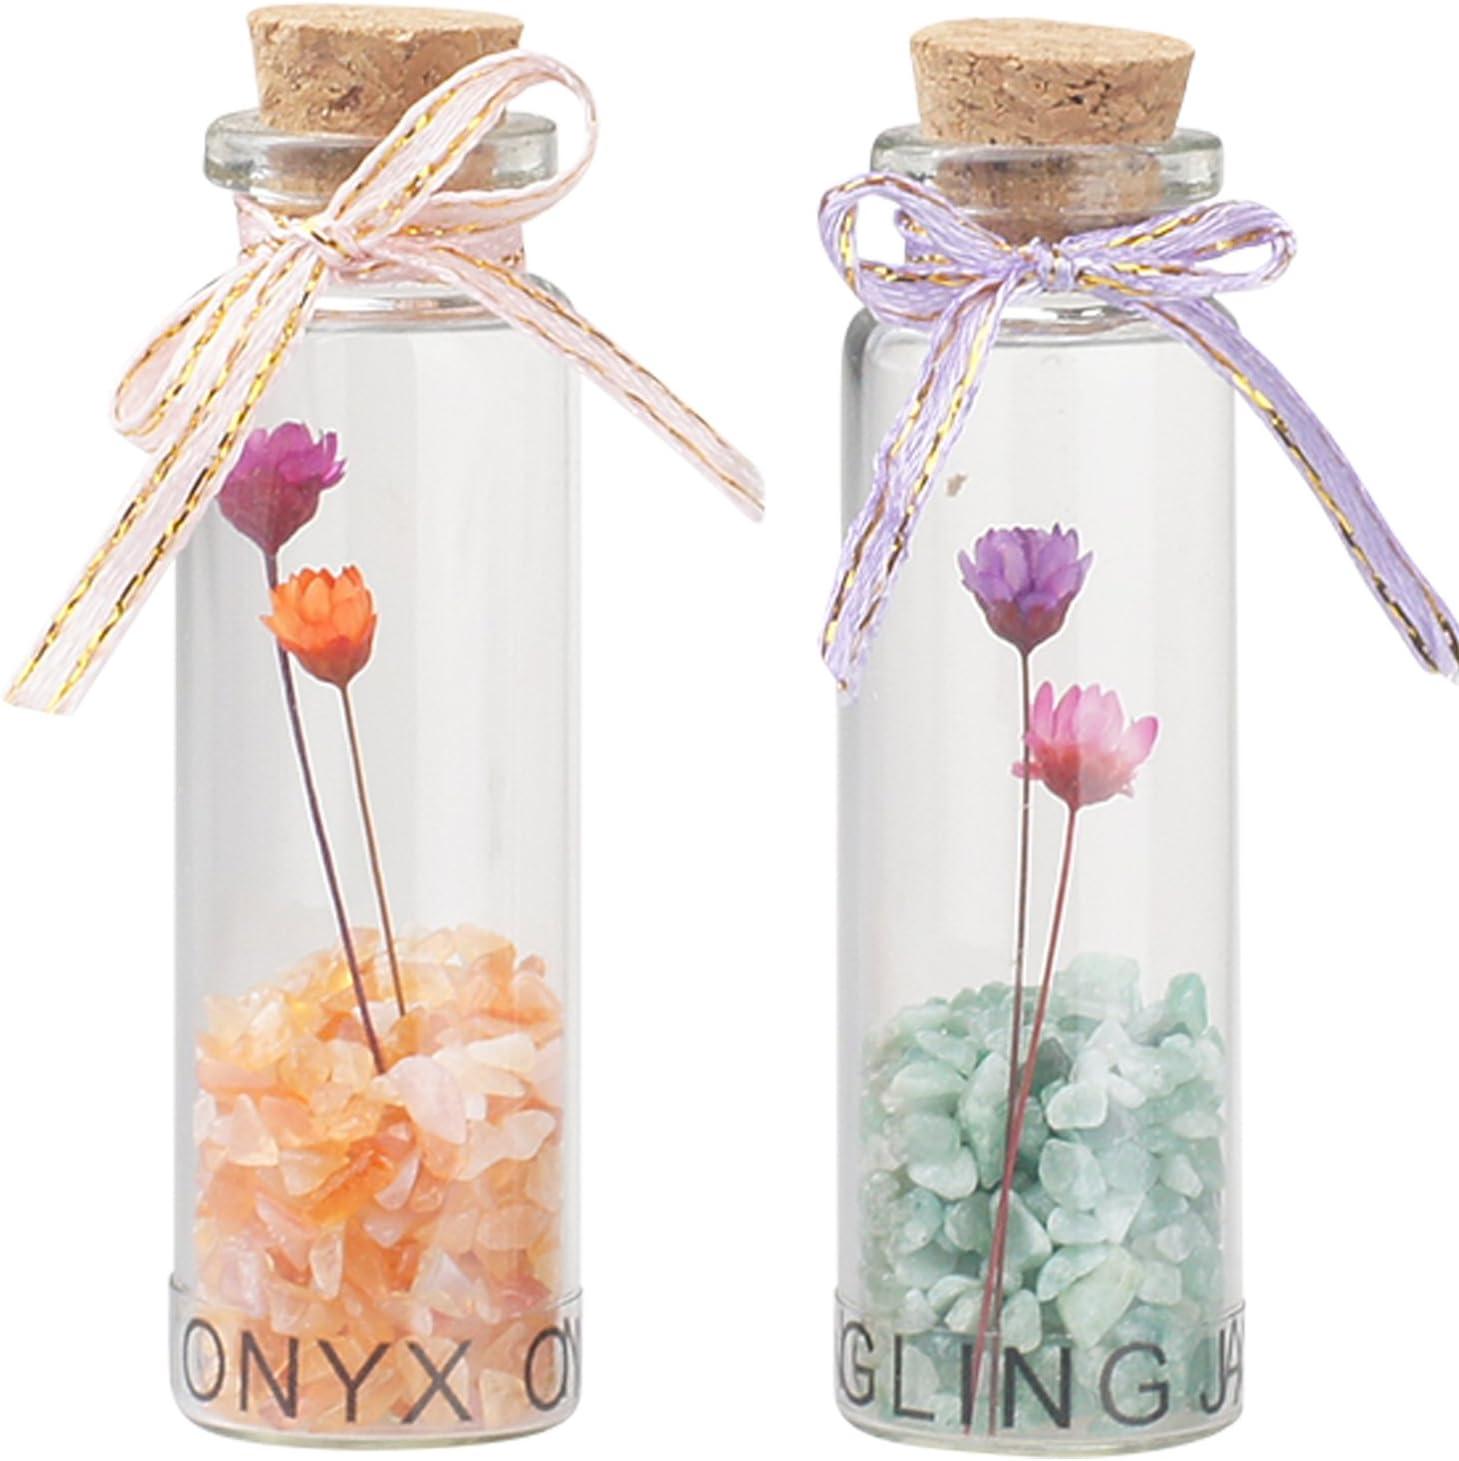 Colgante suerte que deseen botellas botellas de los amuletos decoración del hogar Gem Dongling Jade ágata piedra protección los amuletos